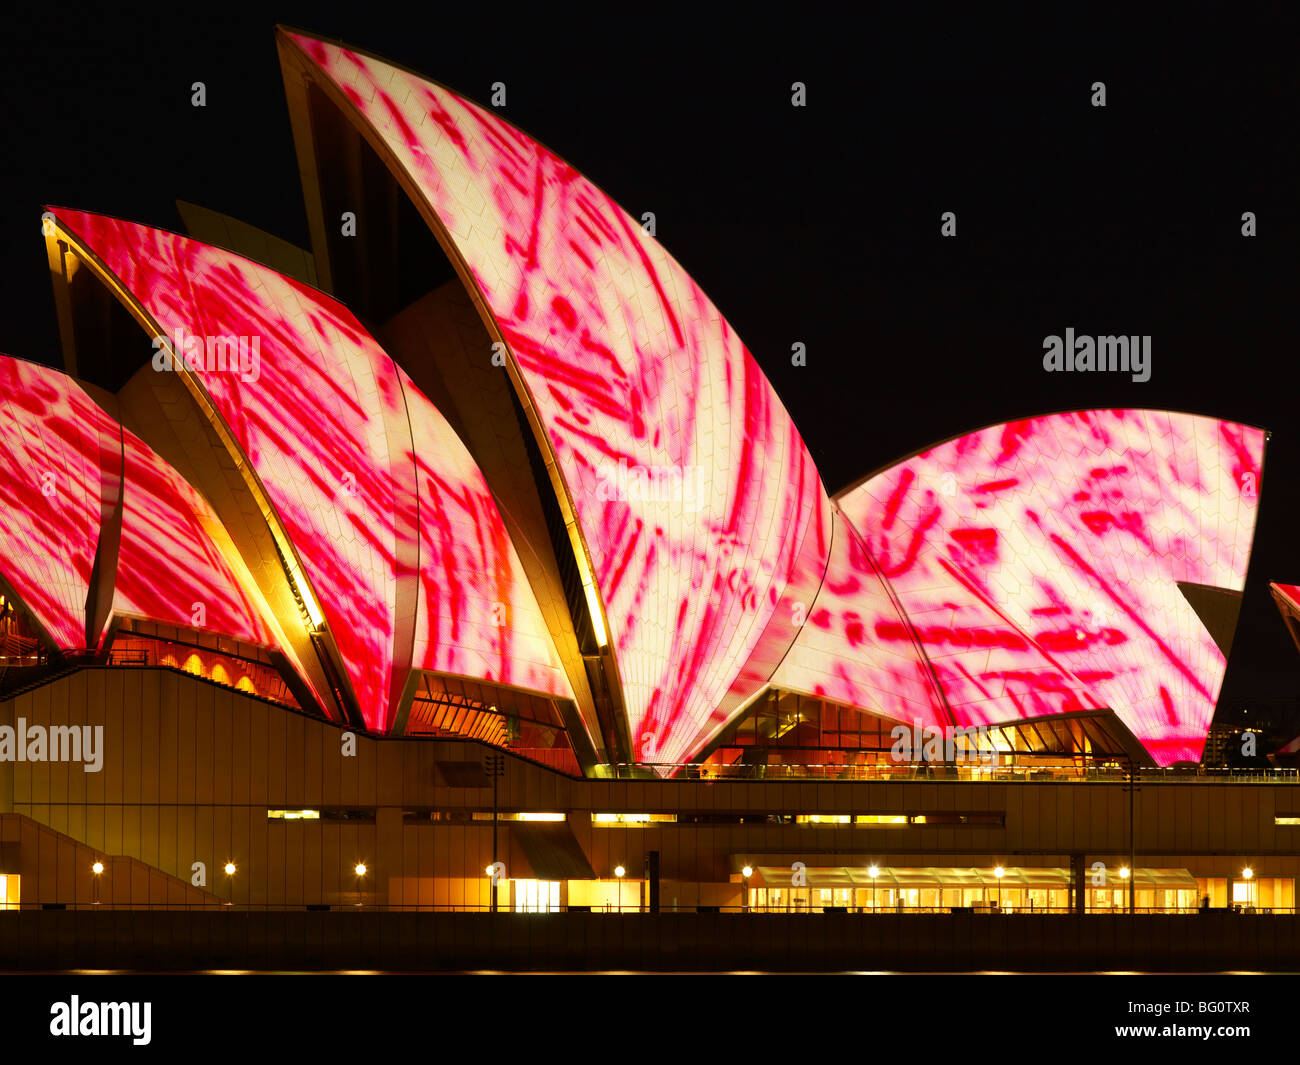 Festival de la luz, el Sydney Opera House, Sitio del Patrimonio Mundial de la UNESCO, Sydney, New South Wales, Australia, Imagen De Stock